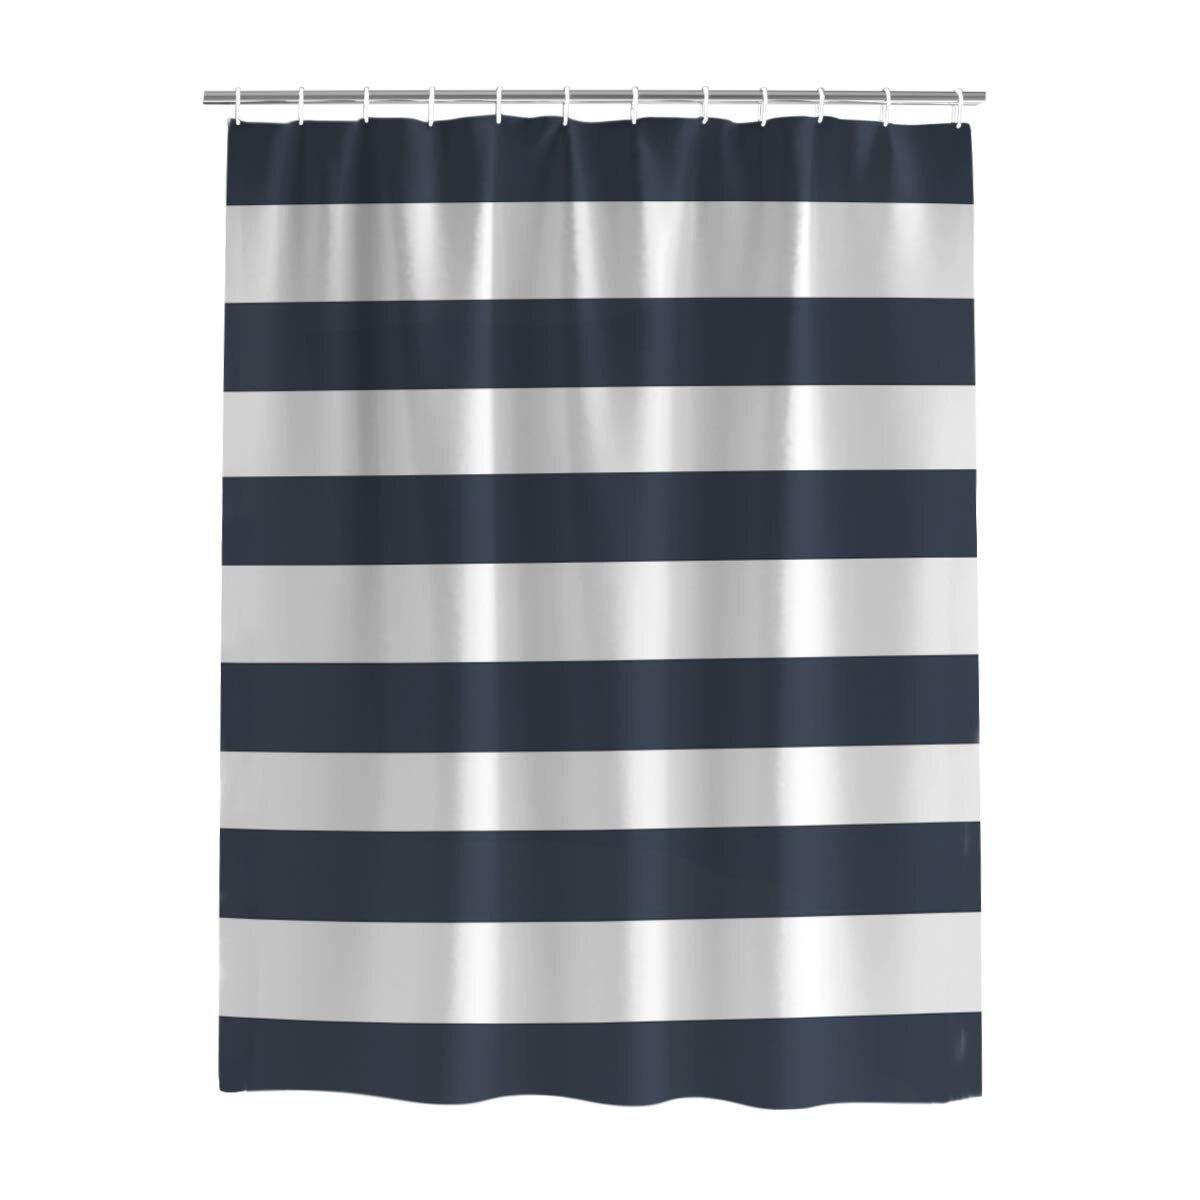 Conjunto de cortina de ducha de baño de tela de galería de arte con ganchos para Navidad, cortinas azules y blancas con patrón de rayas para cuarto de baño